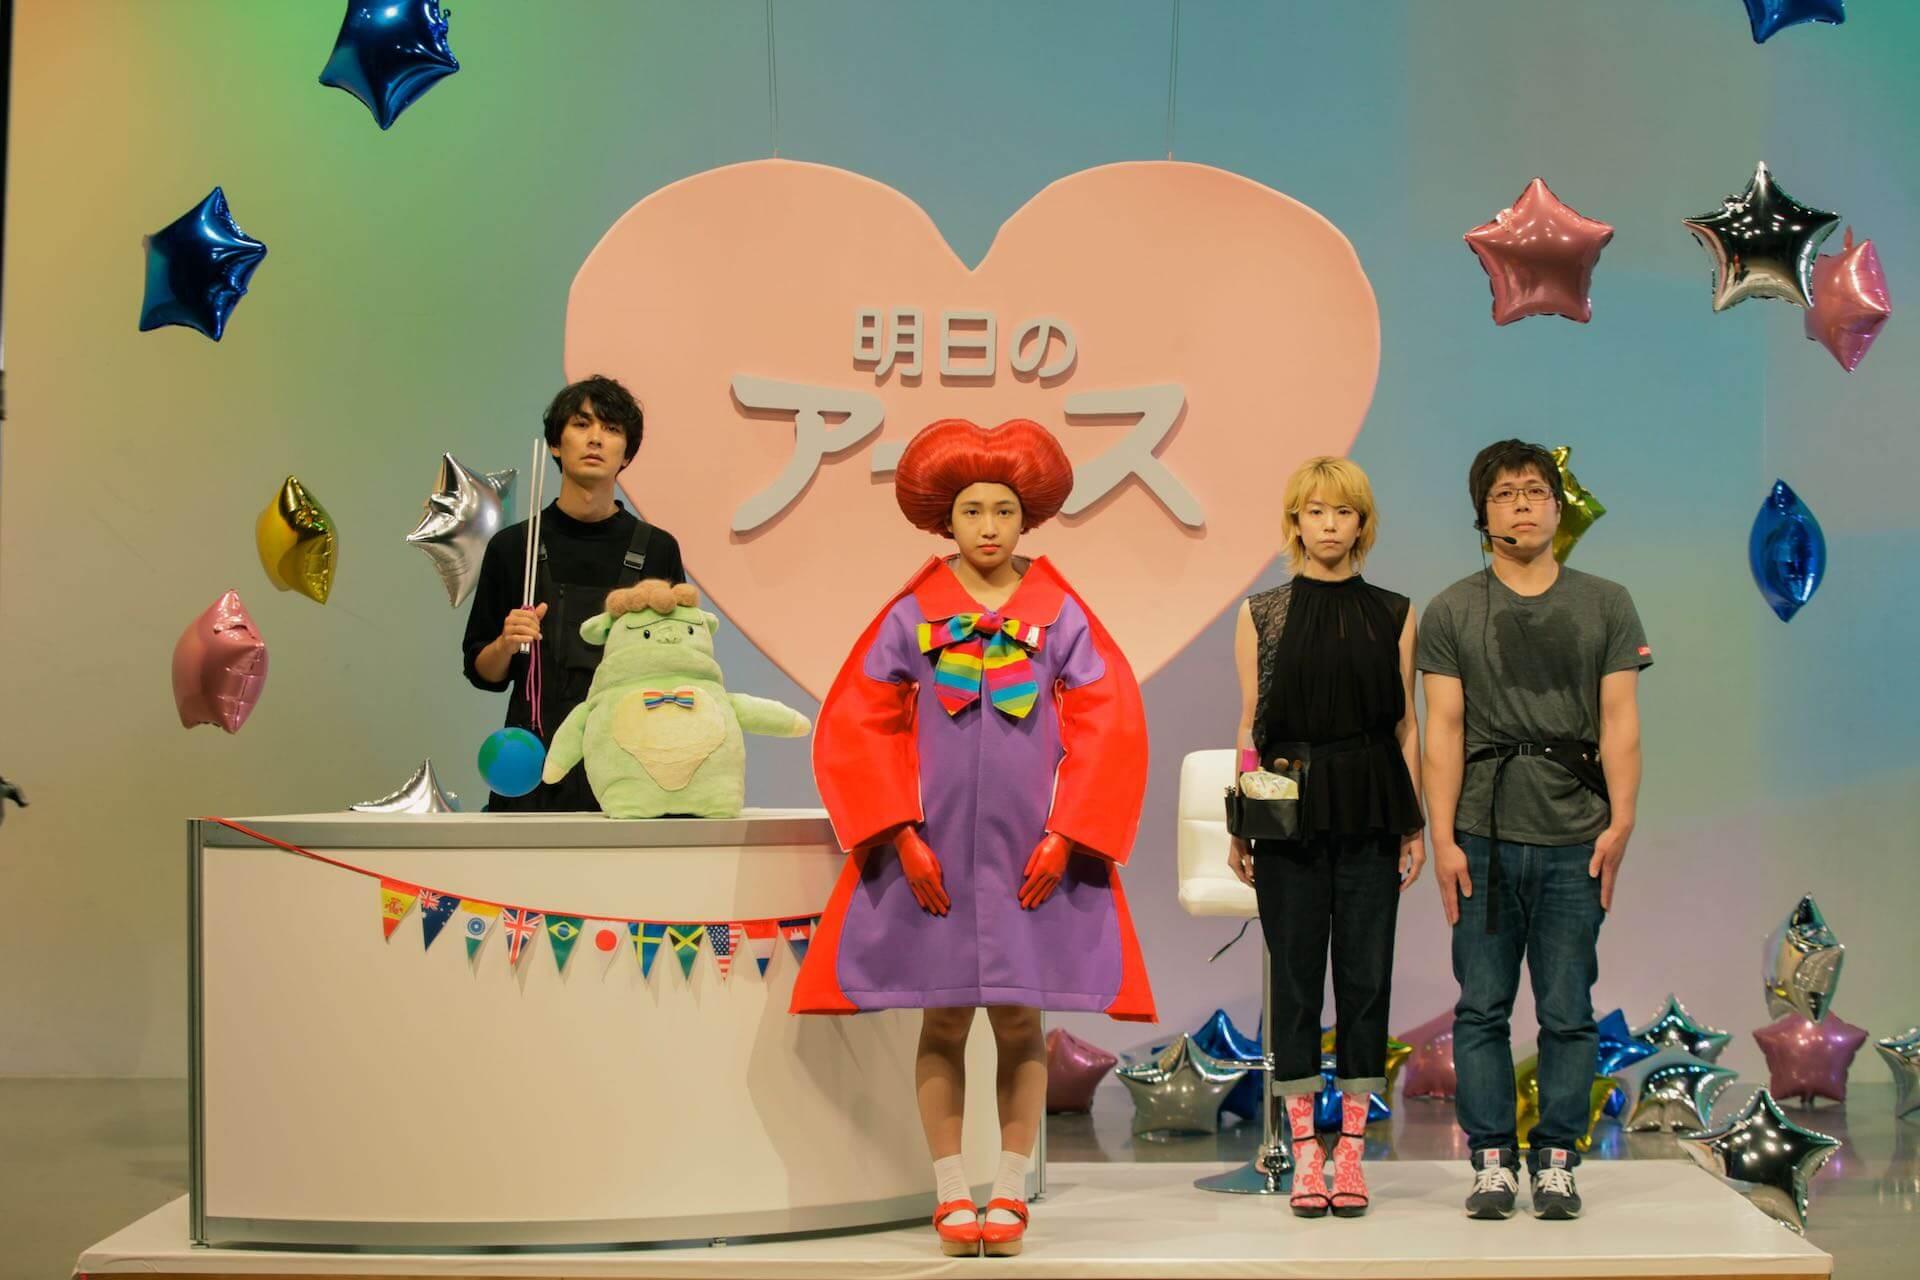 Aru-2が劇伴を担当!小村昌士の初長編監督作、小野莉奈主演の映画『POP!』上映日程が発表 film210219-pop-0